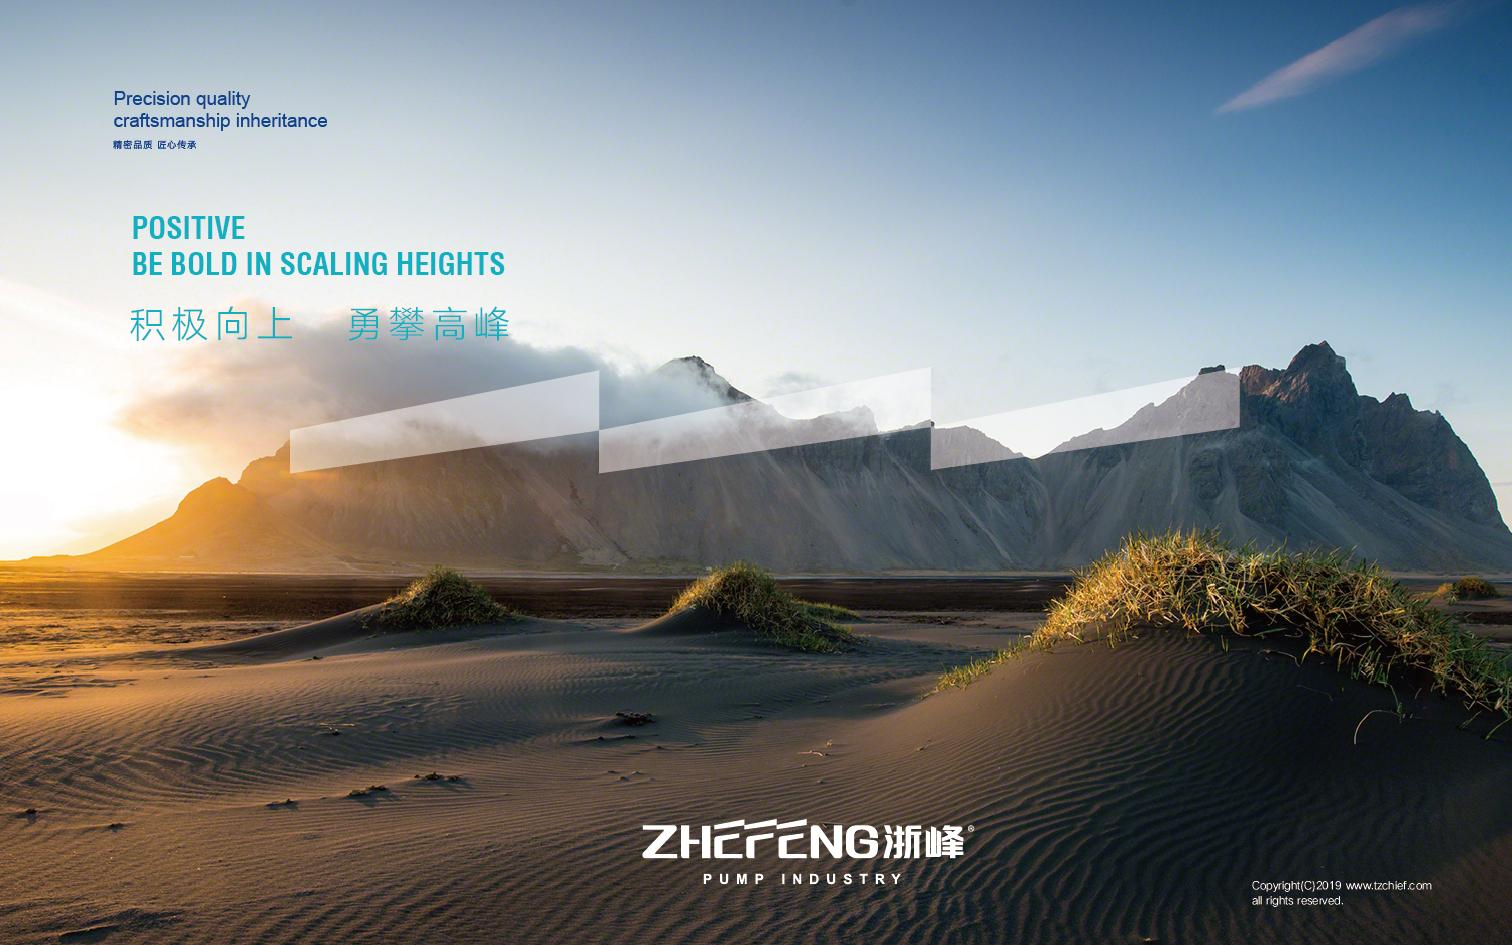 浙江浙峰泵业有限公司